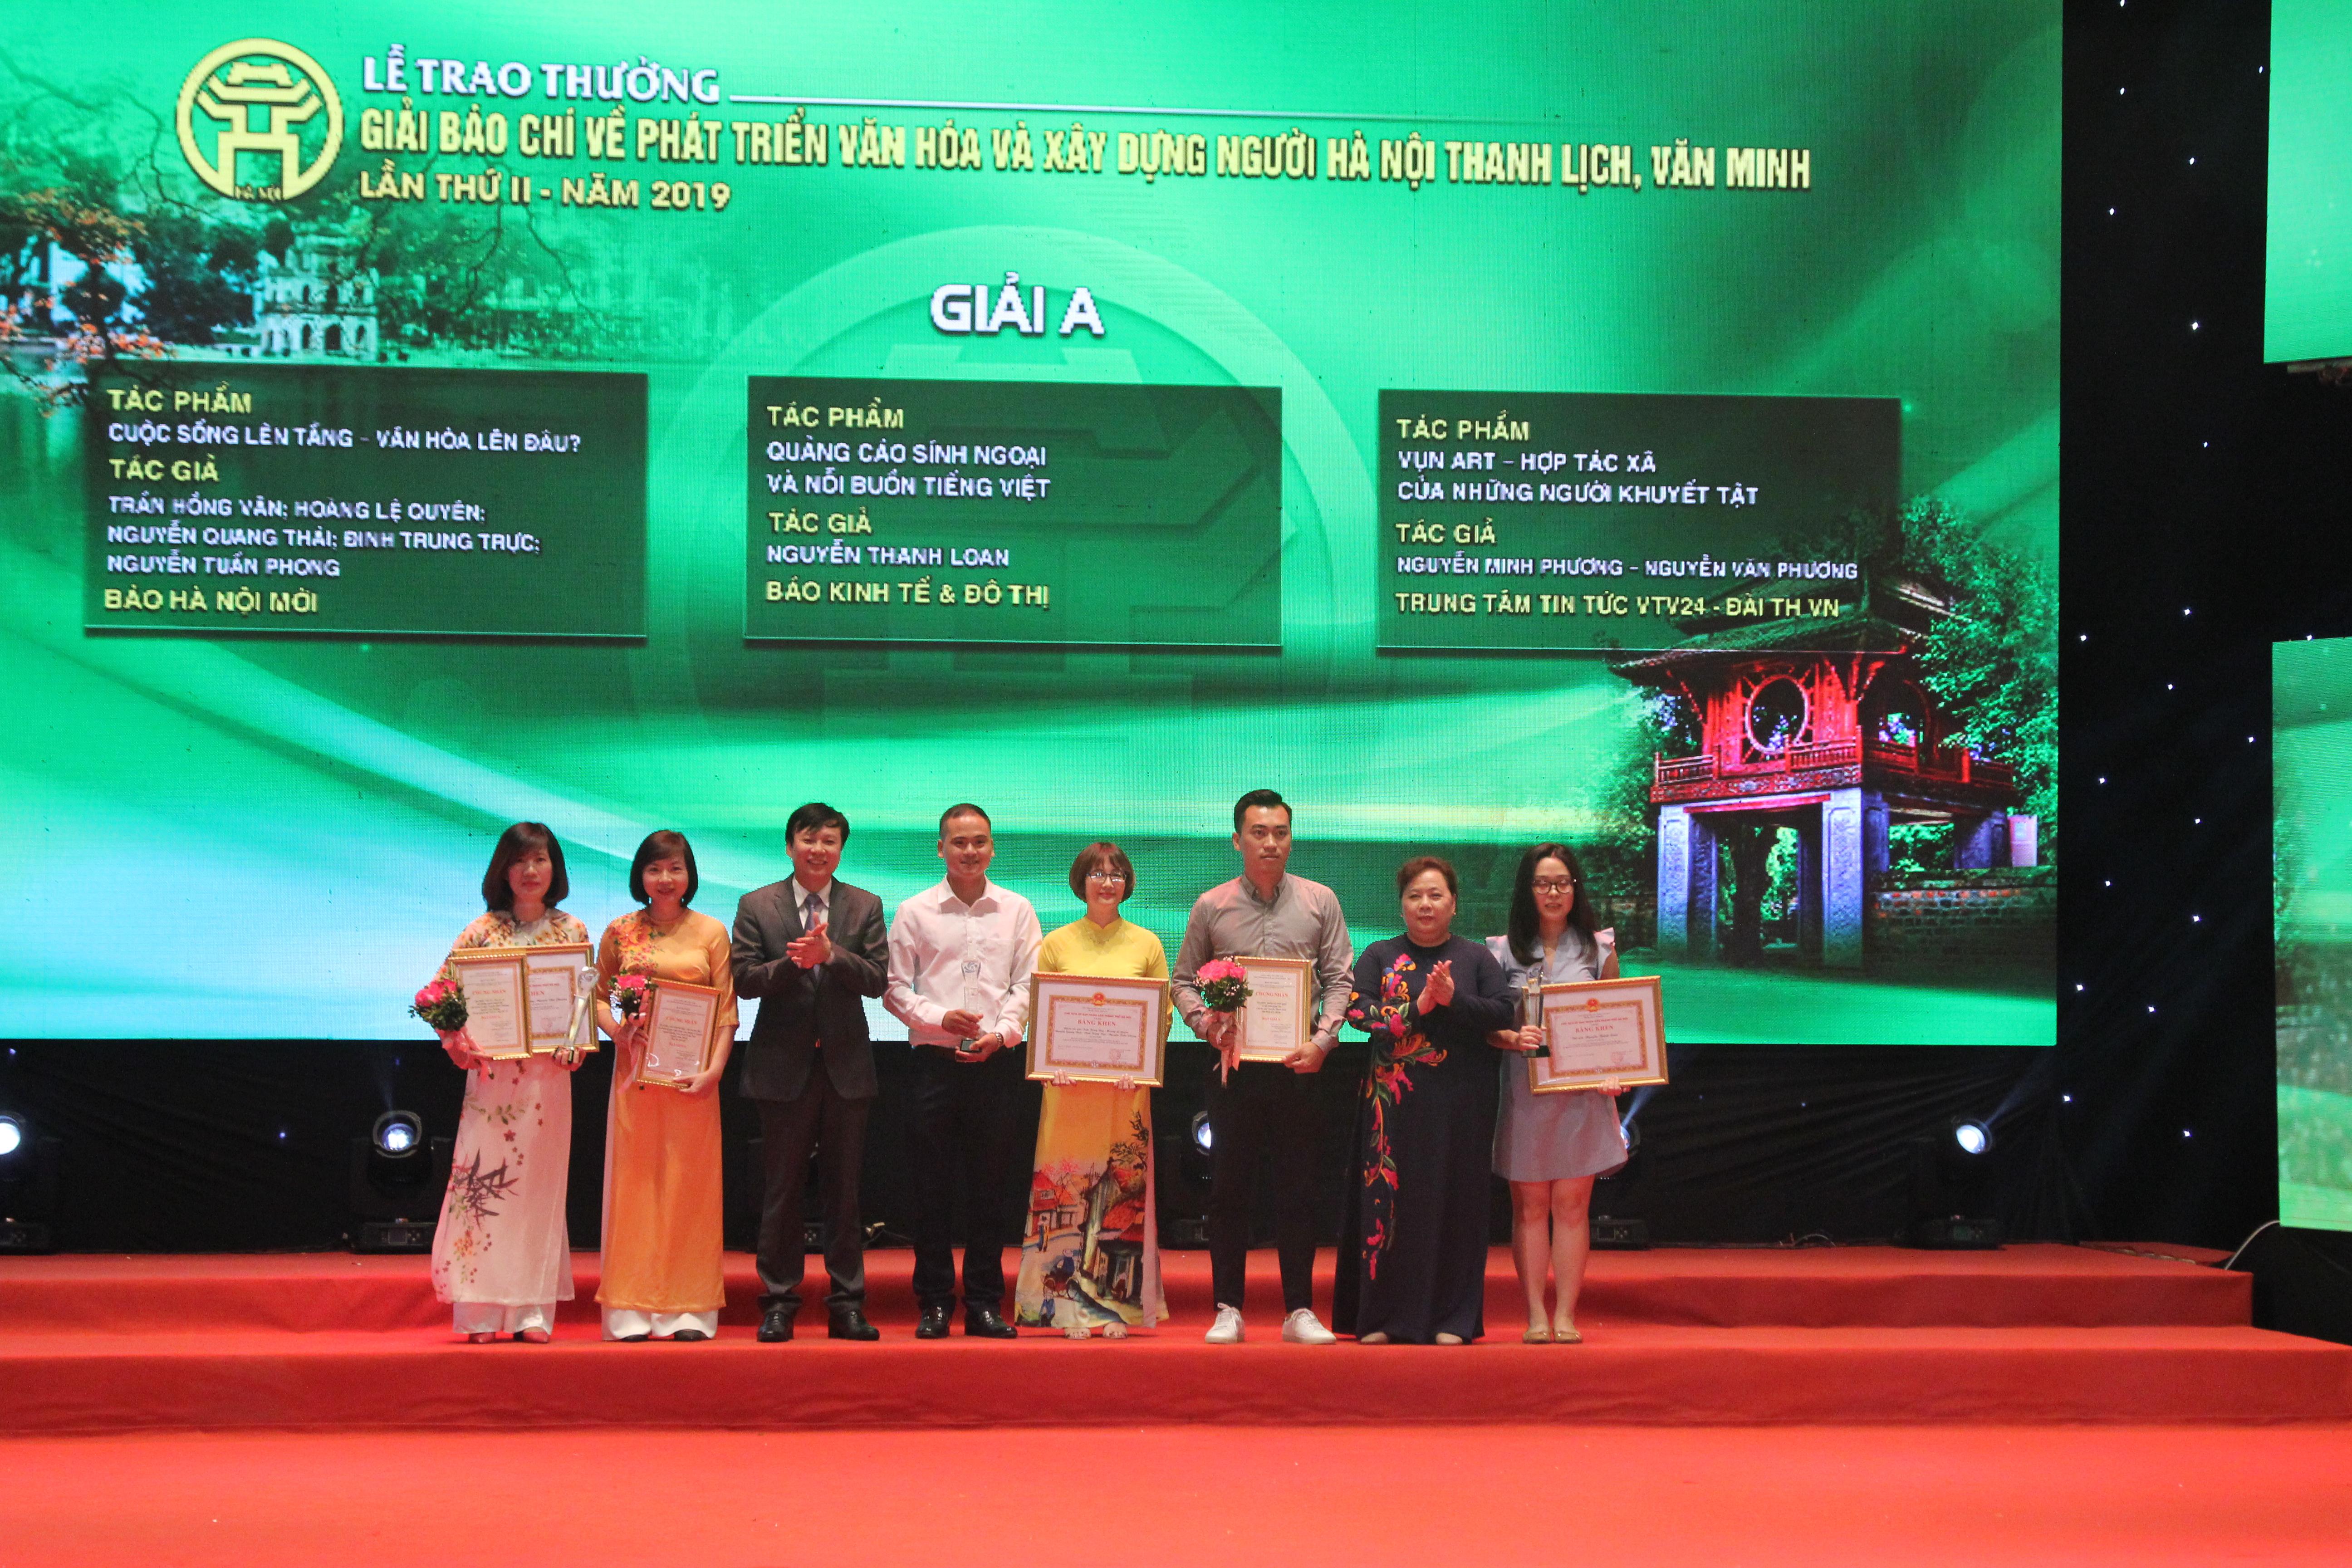 Các tác giải đoạt giải A về phát triển văn hóa và xây dựng người Hà Nội thanh lịch văn minh